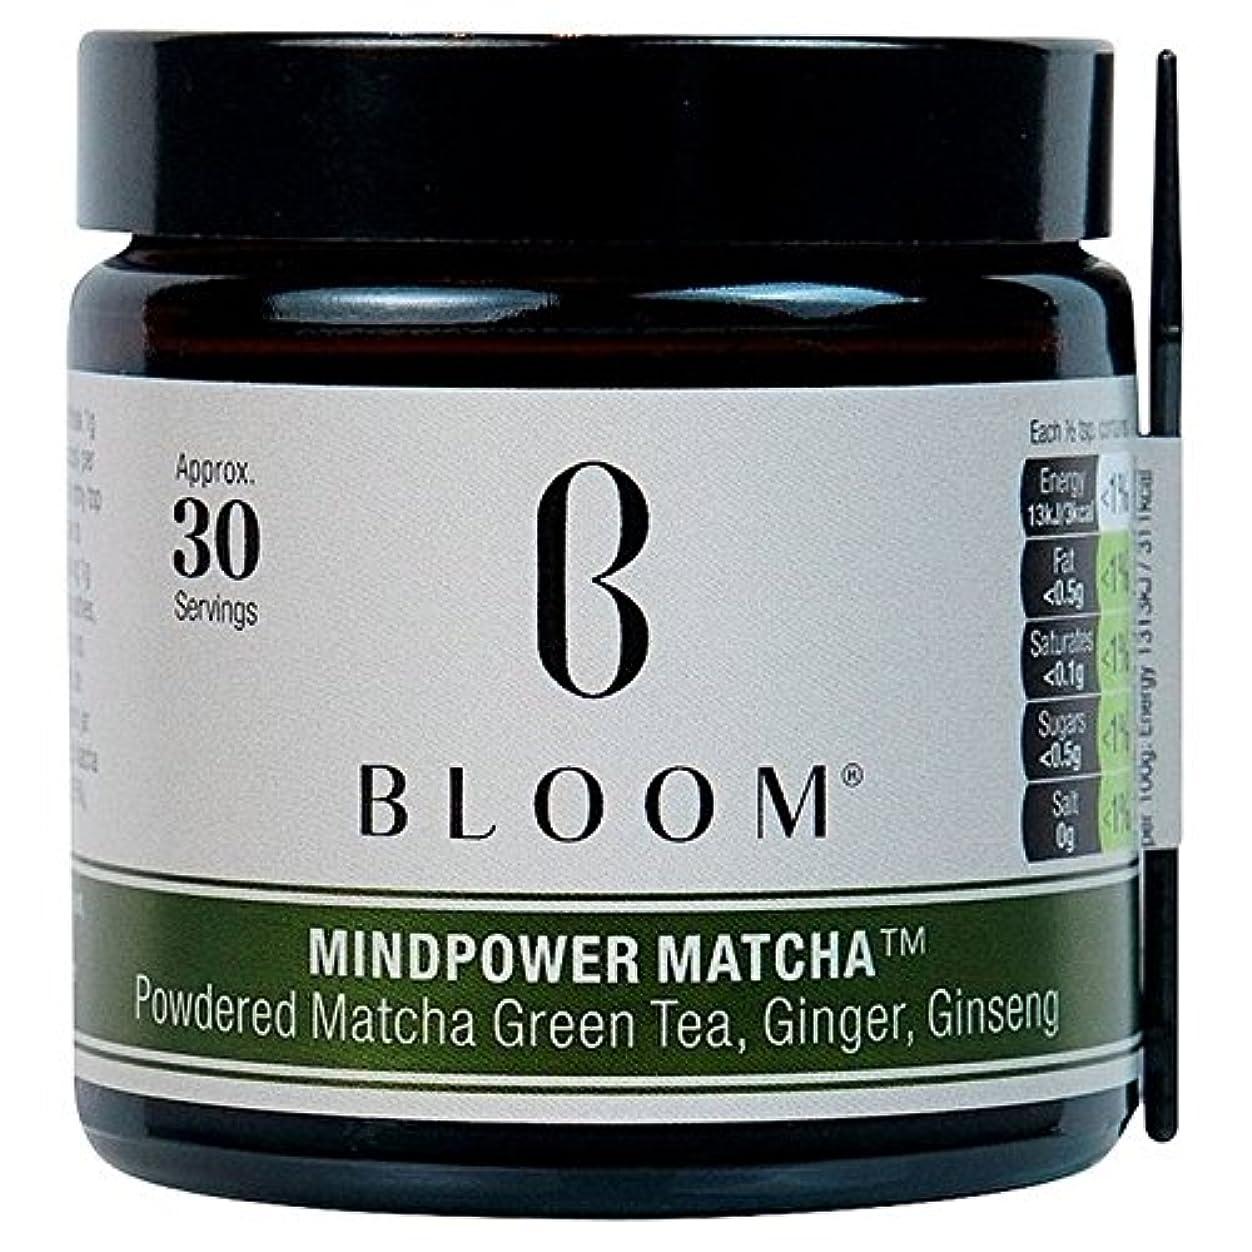 ファウル測定可能ブラインドブルームMindpowerの抹茶30グラム - BLOOM Mindpower Matcha 30g [並行輸入品]